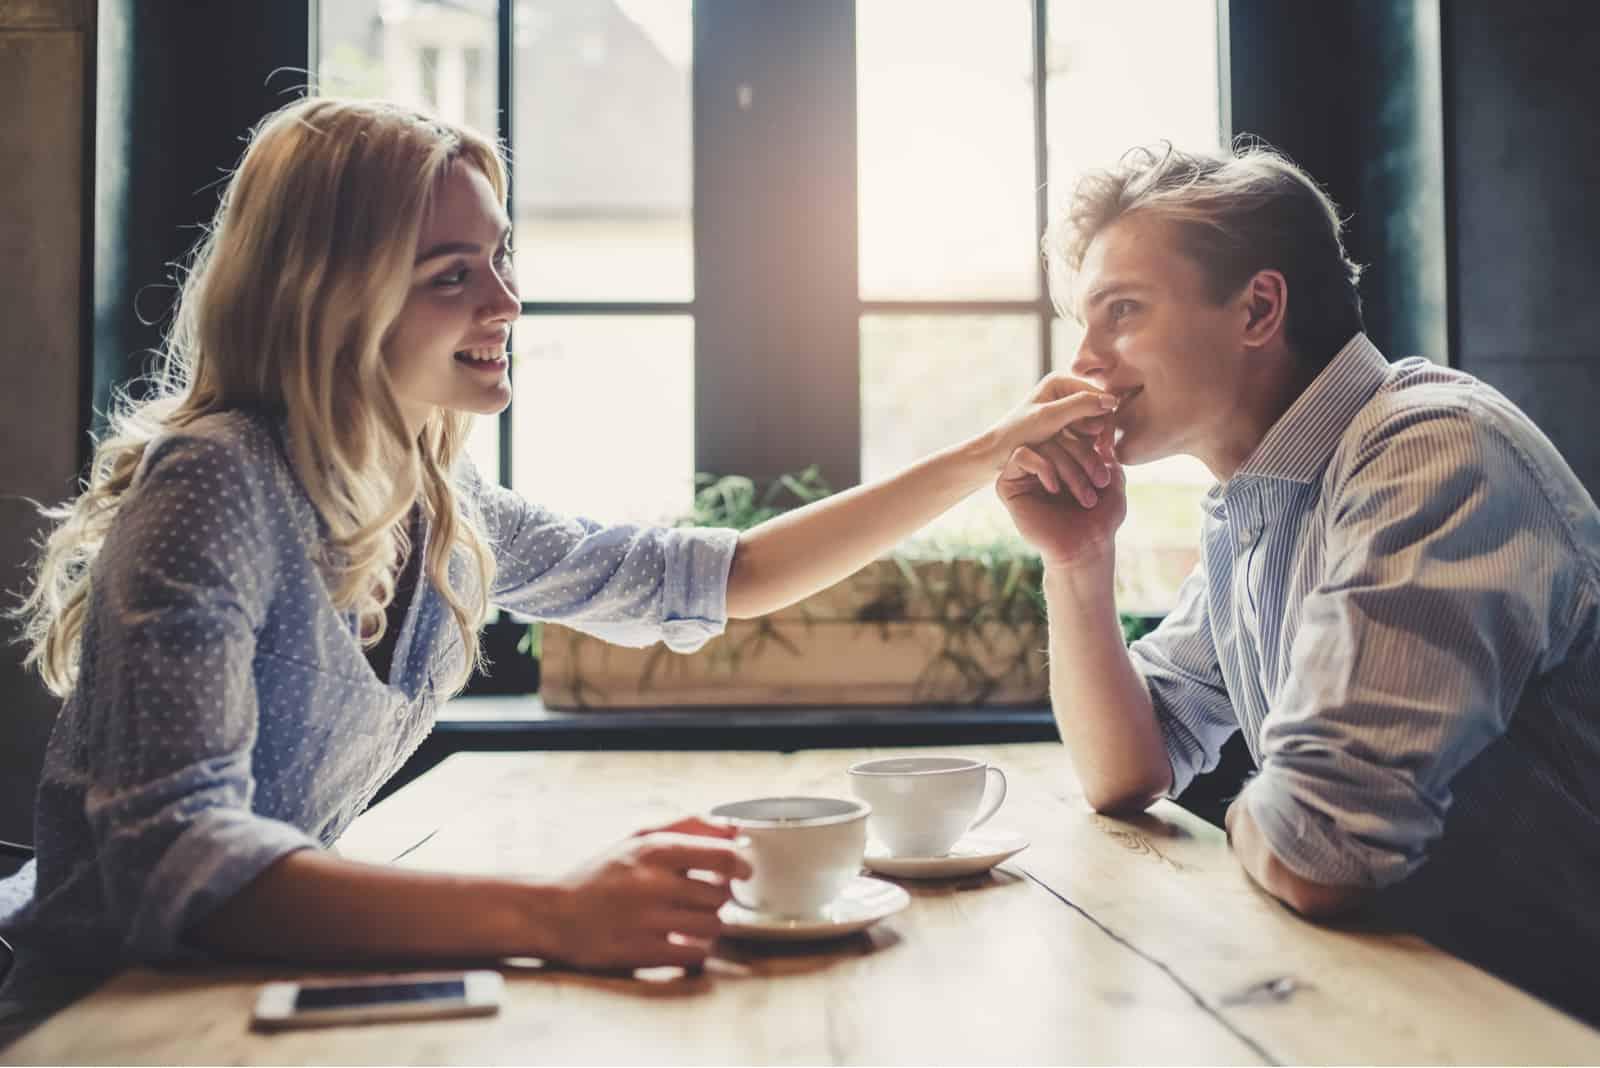 un homme embrasse la main d'une femme